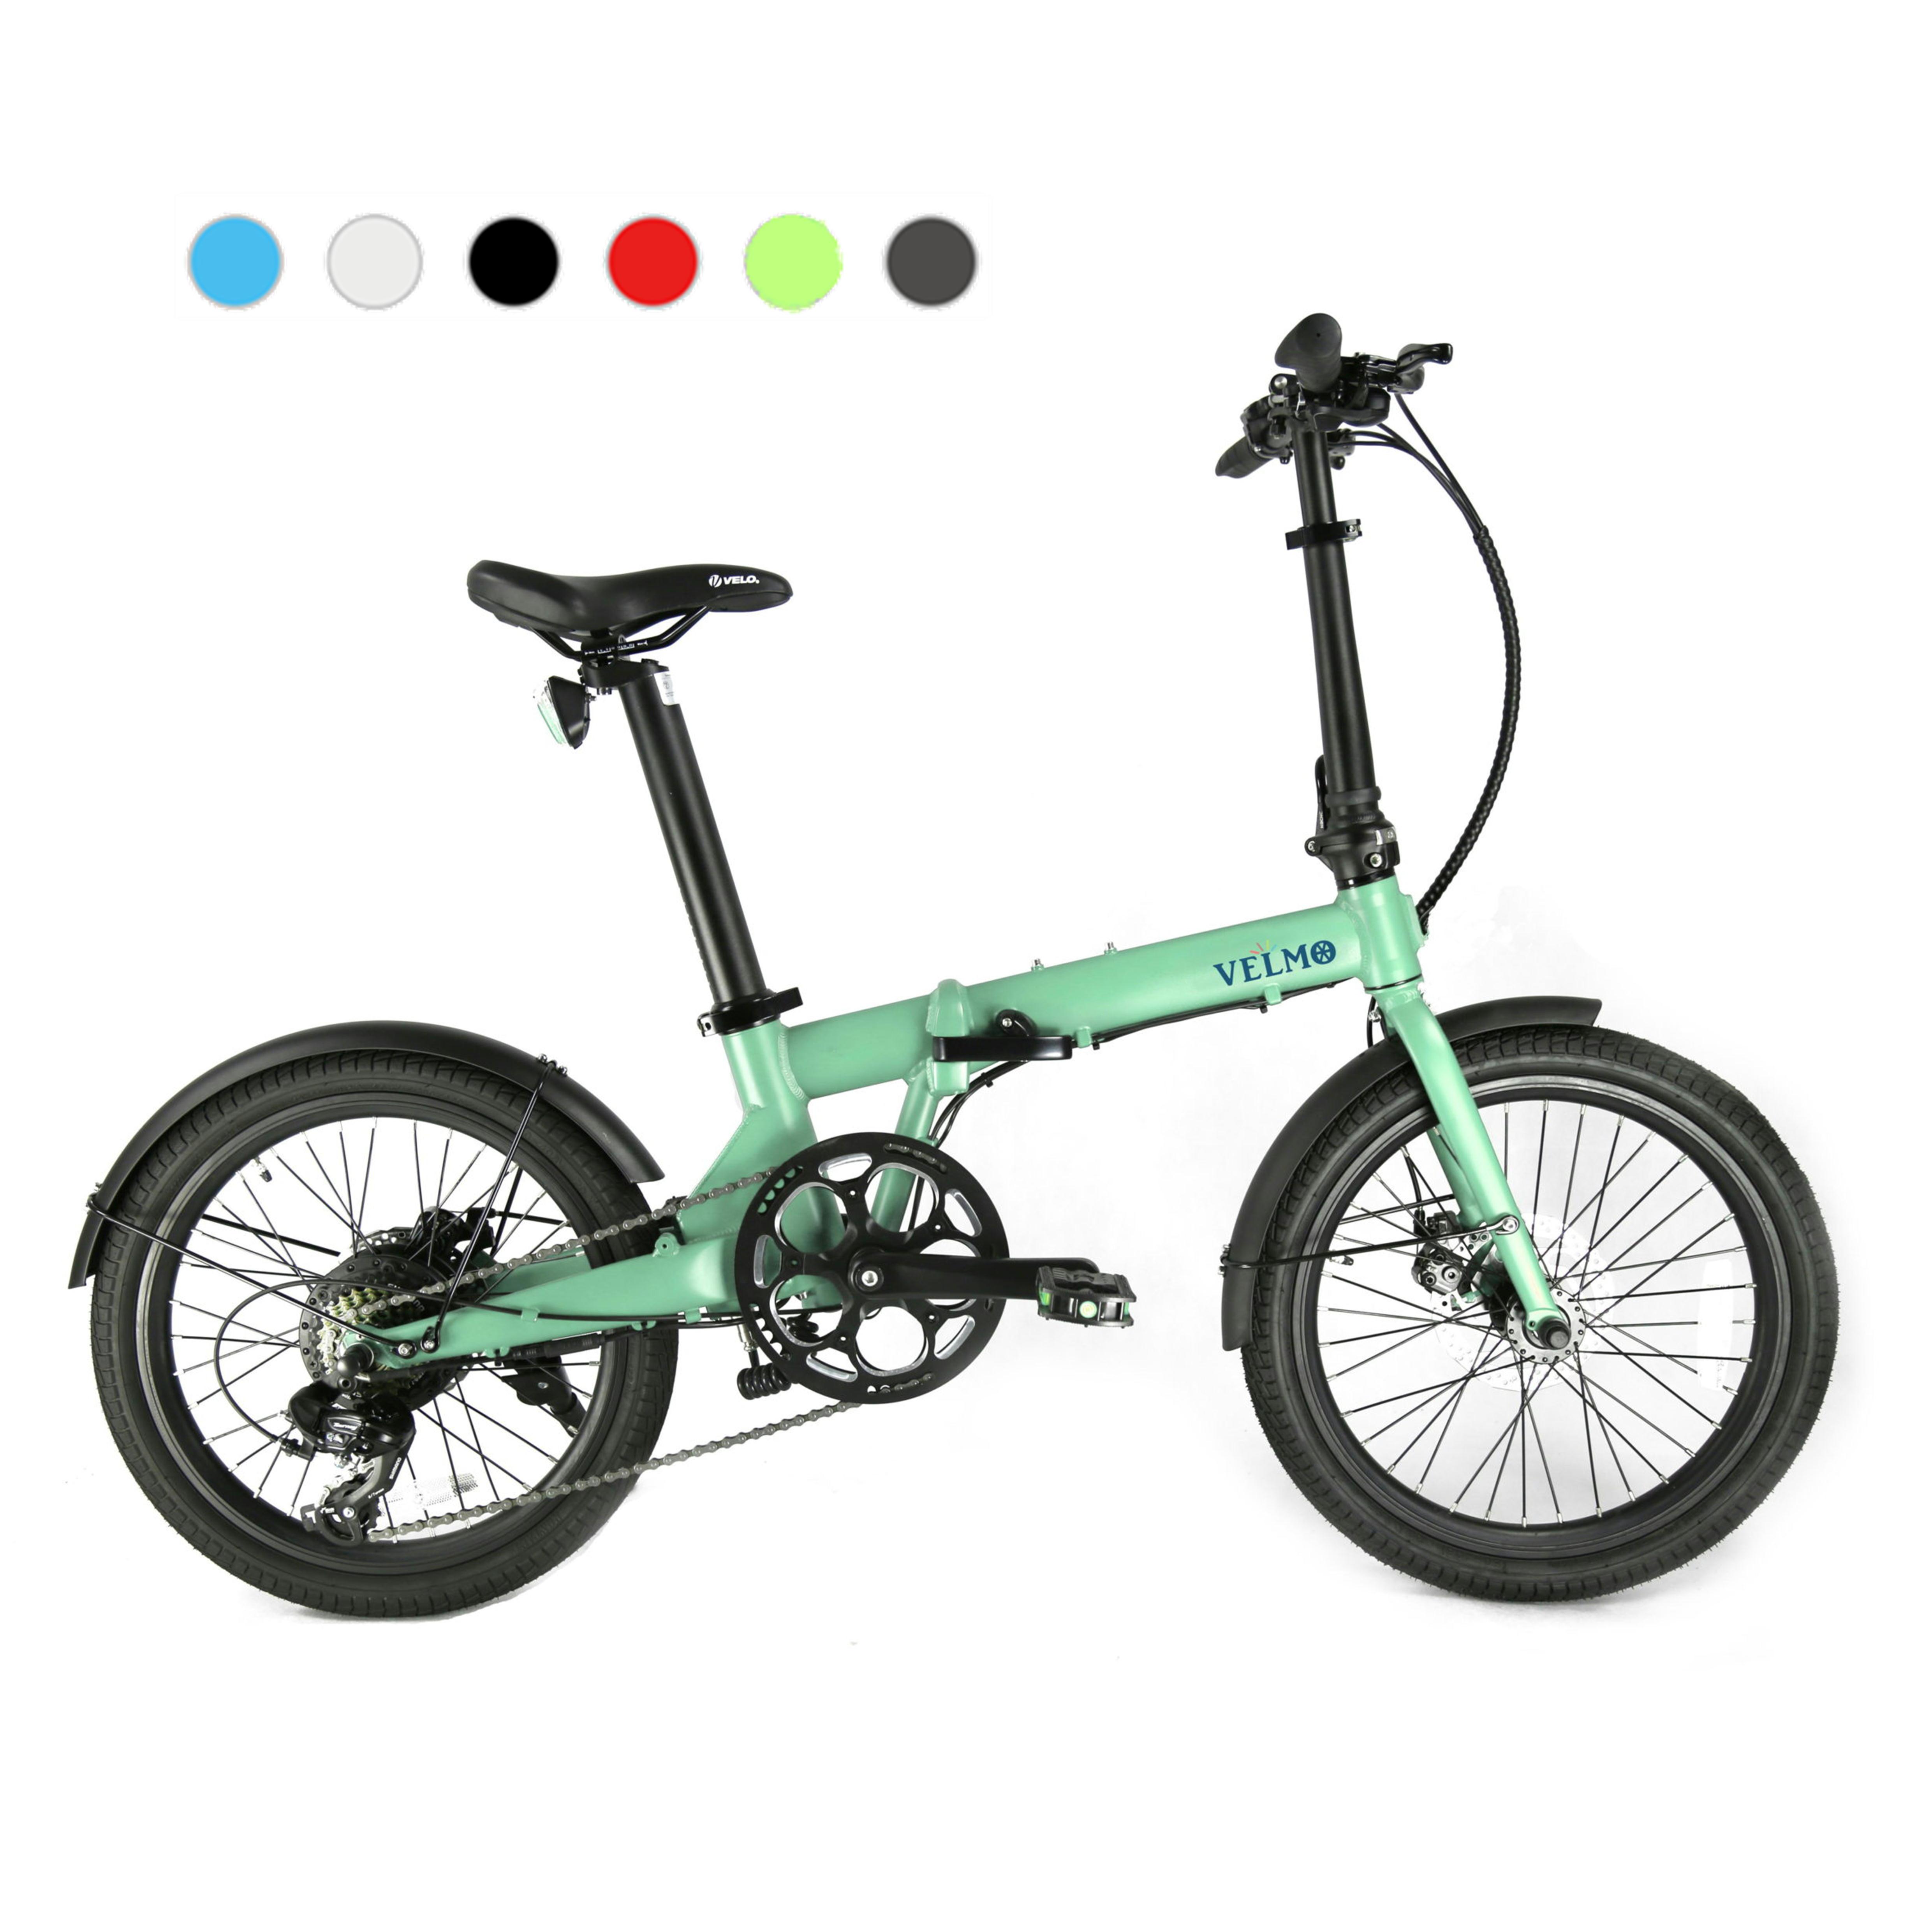 ミニベロタイプのe-Bike VELMO Q2 折り畳み電動自転車